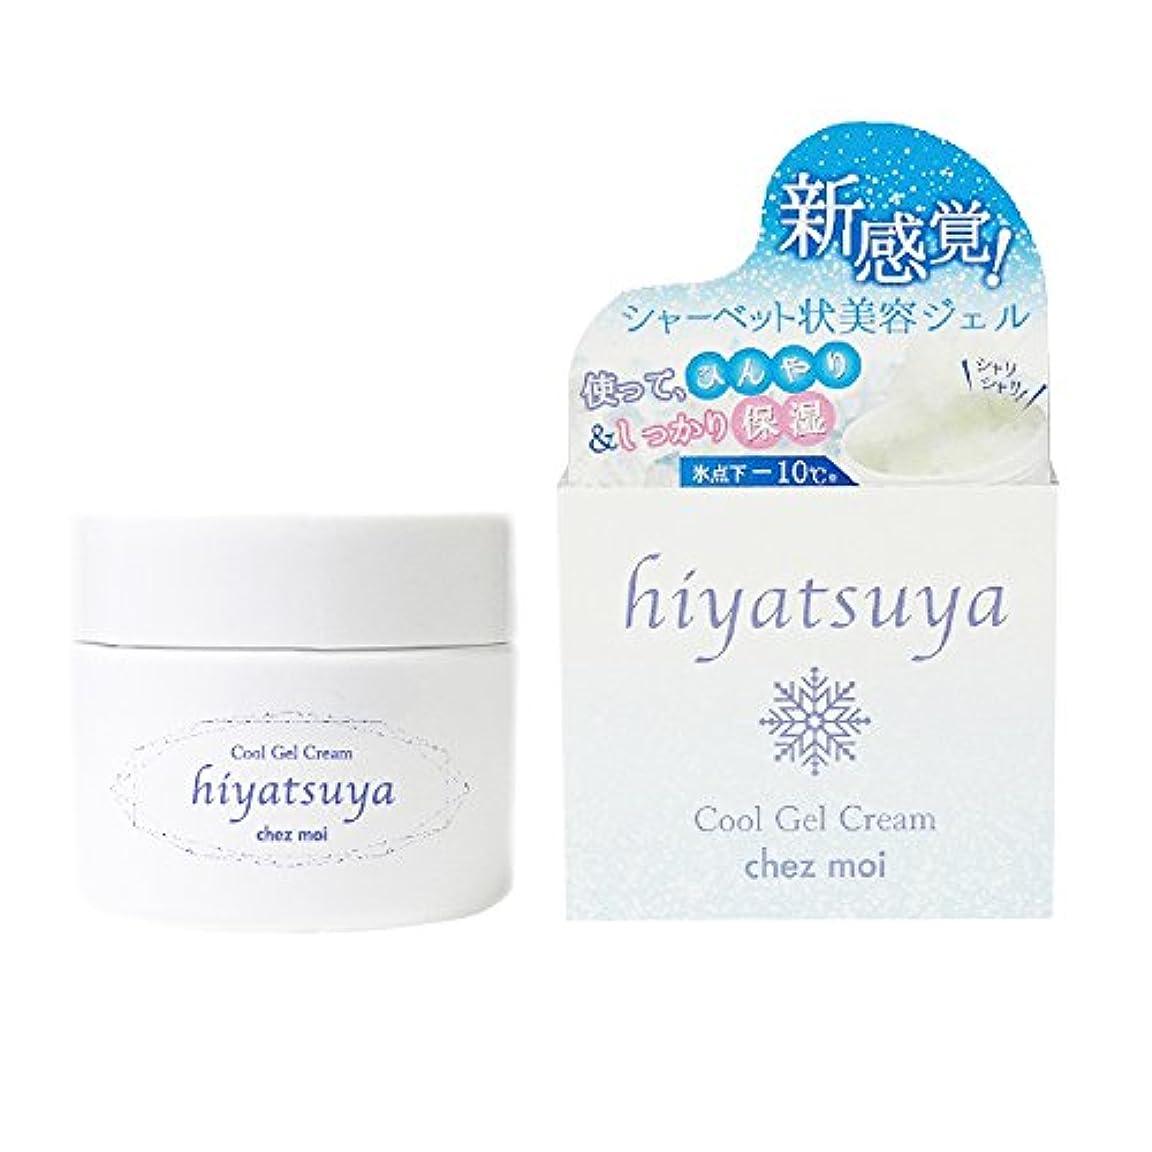 浸すアウター強大なシェモア hiyatsuya(ヒヤツヤ) cool gel cream 70g